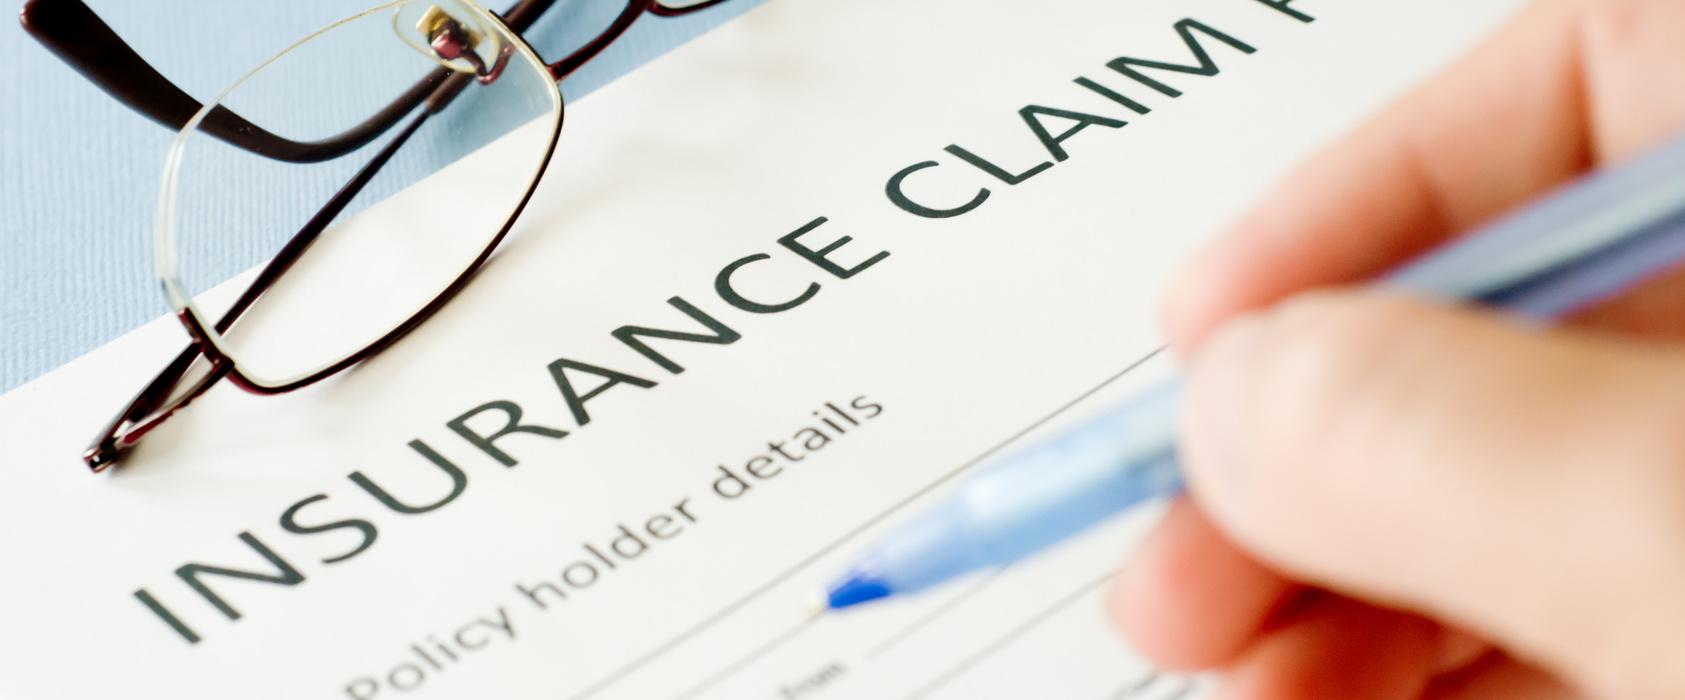 insurance-claim